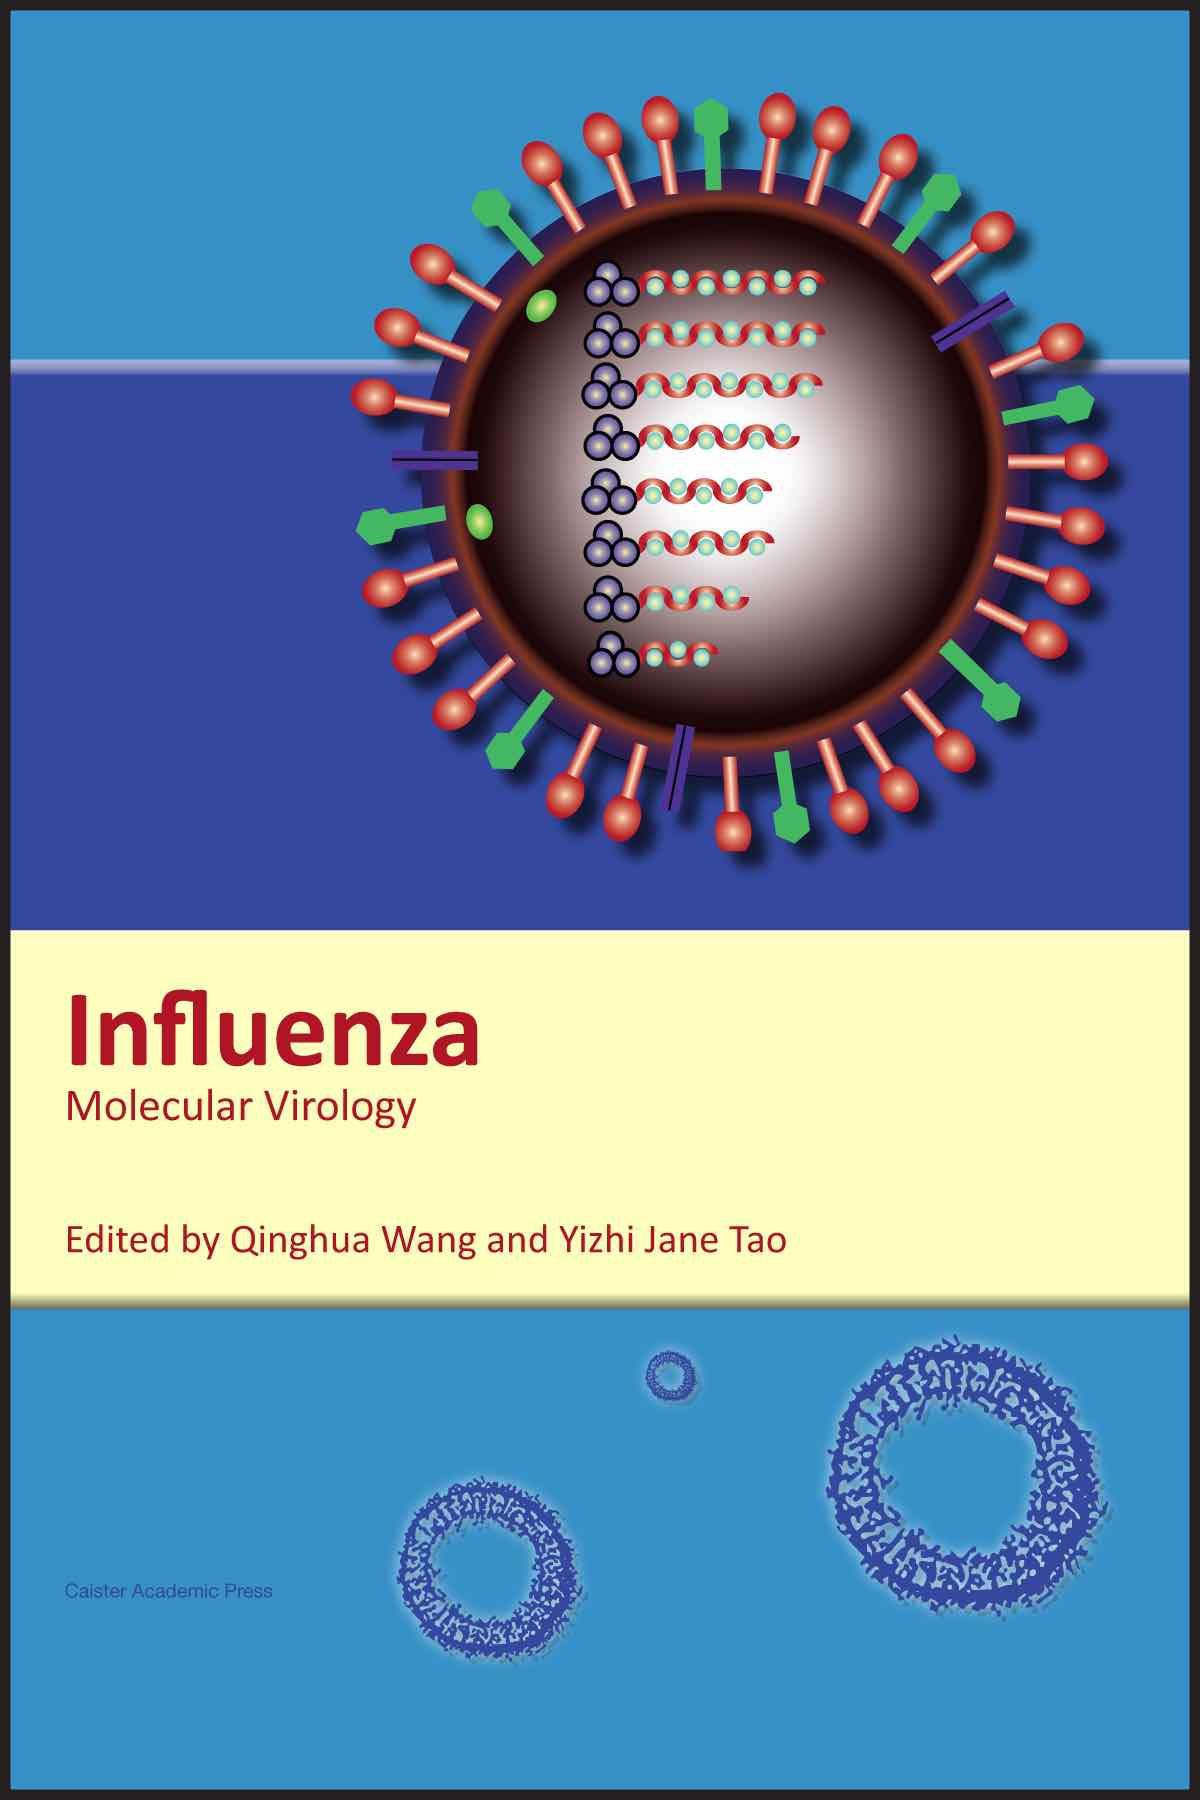 Influenza: Molecular Virology